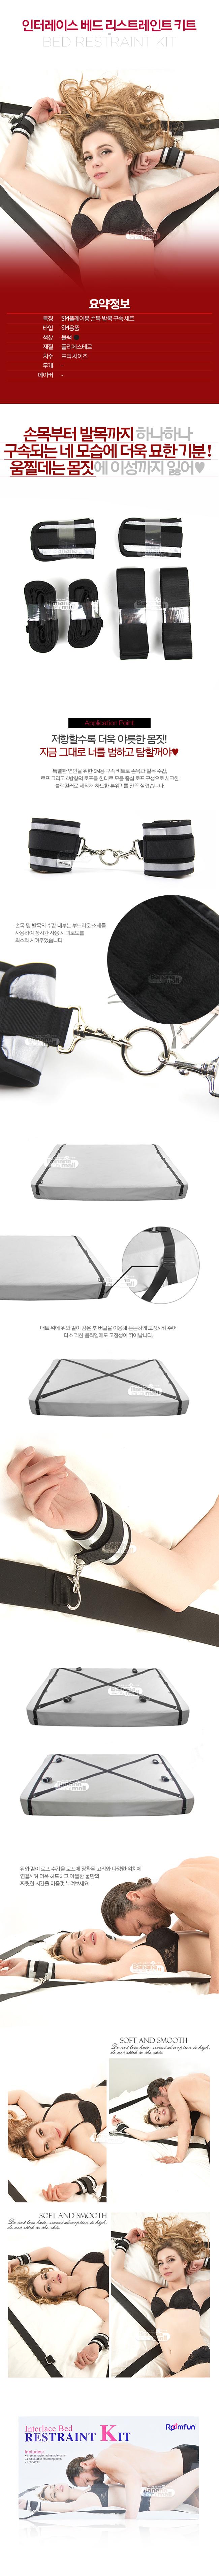 [침대 구속] 인터레이스 베드 리스트레인트 키트(Roomfun Interlace Bed Restraint Kit)